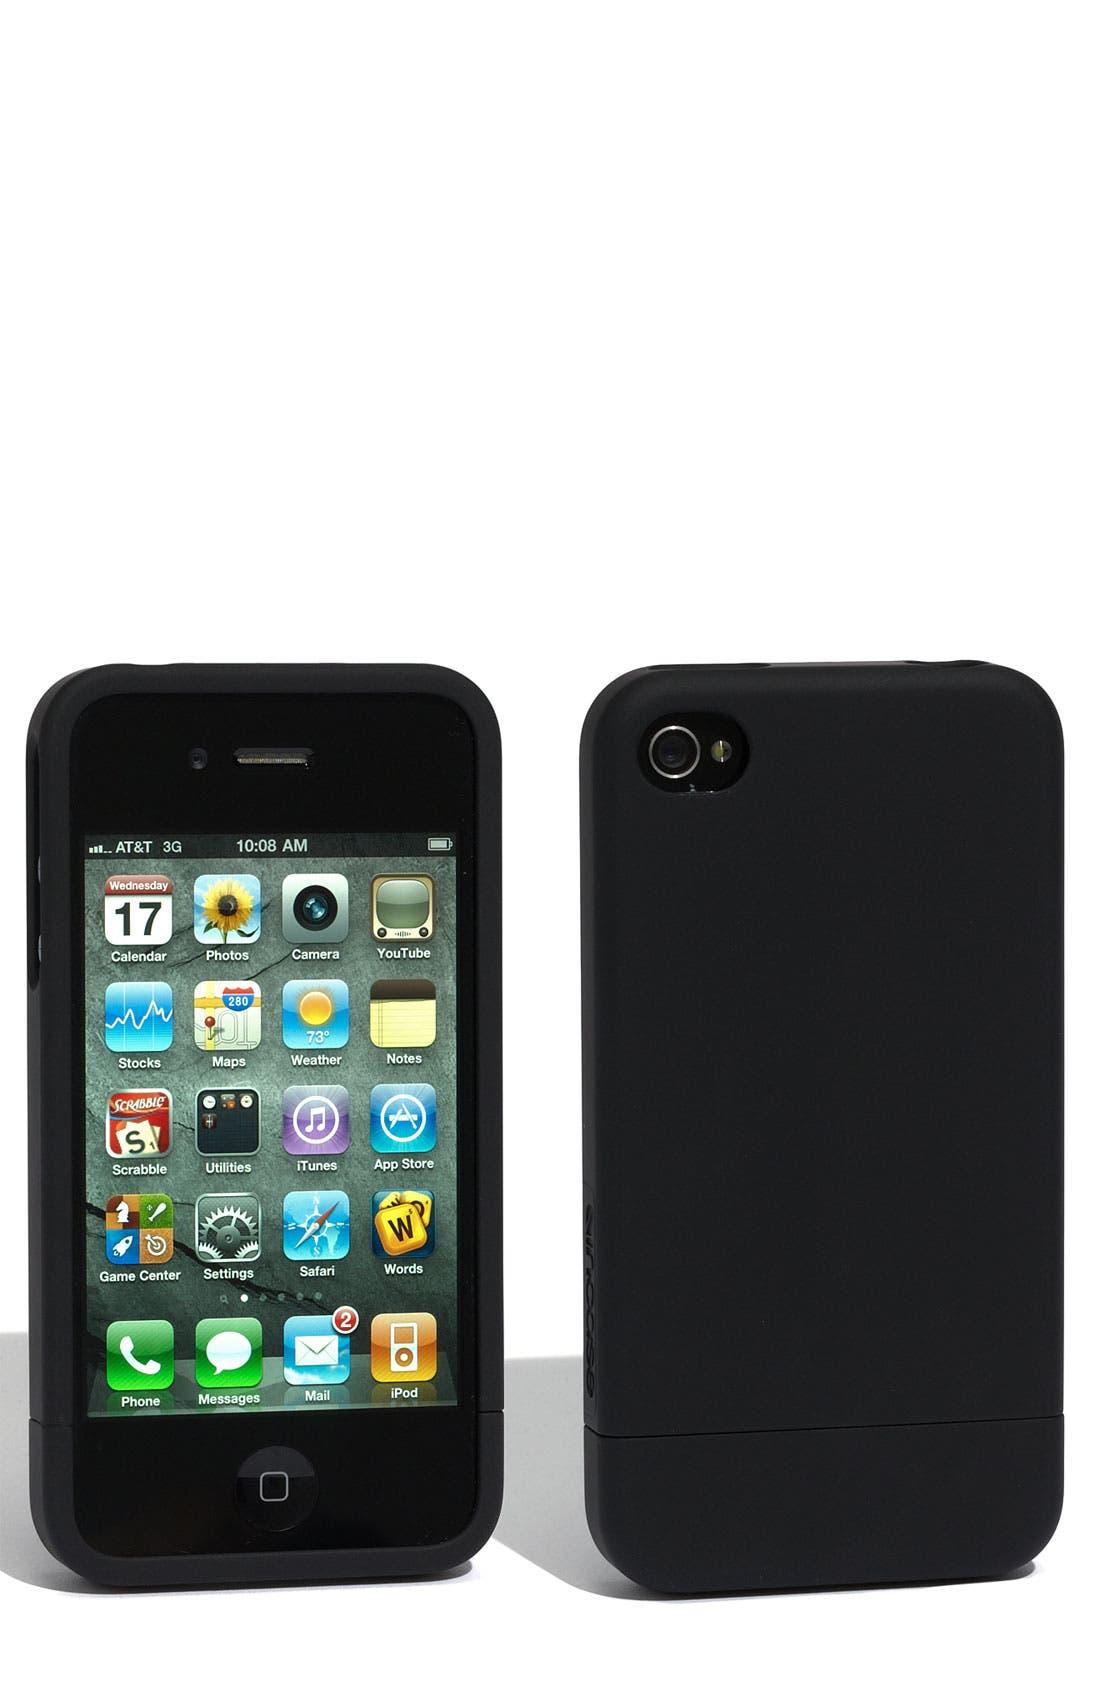 Main Image - Incase Designs iPhone 4 Soft Slider Case